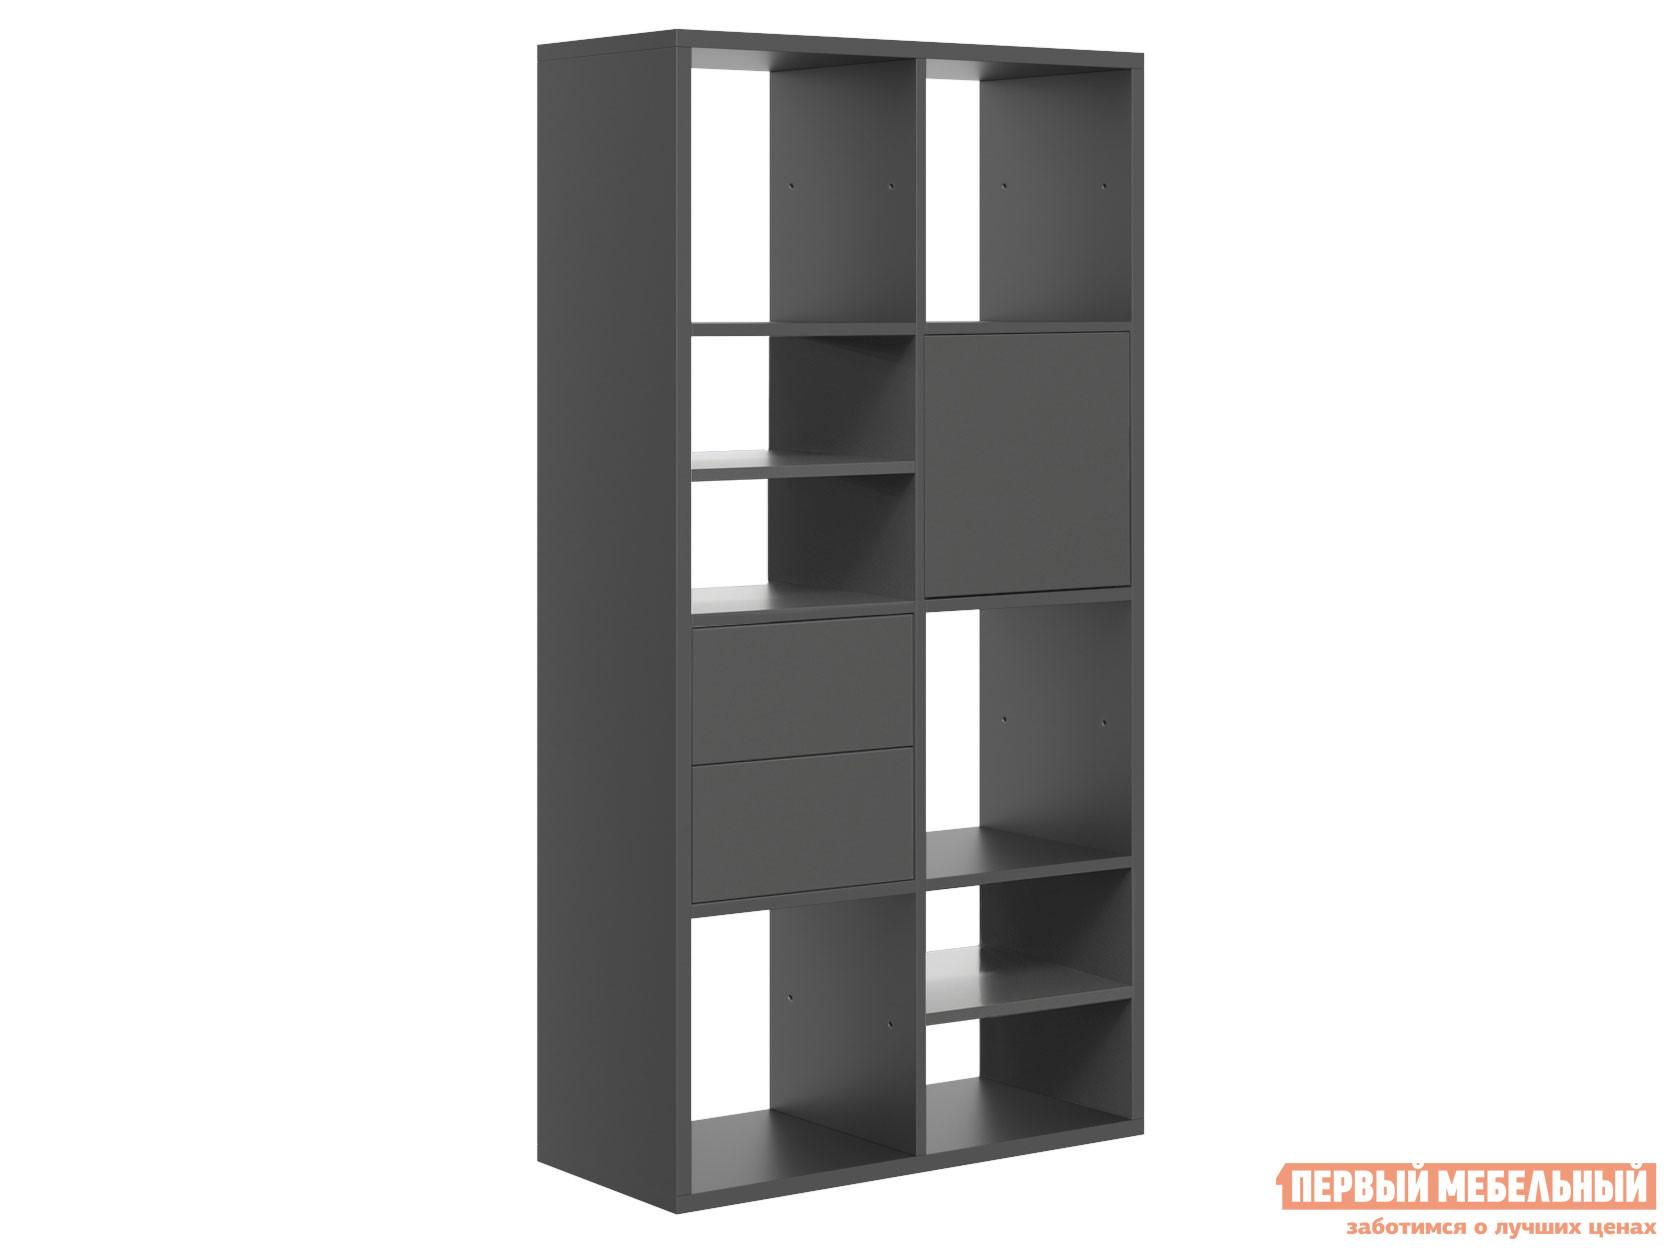 Стеллаж Первый Мебельный Микс 8 с ящиками и дверцей nowley 8 5360 0 2